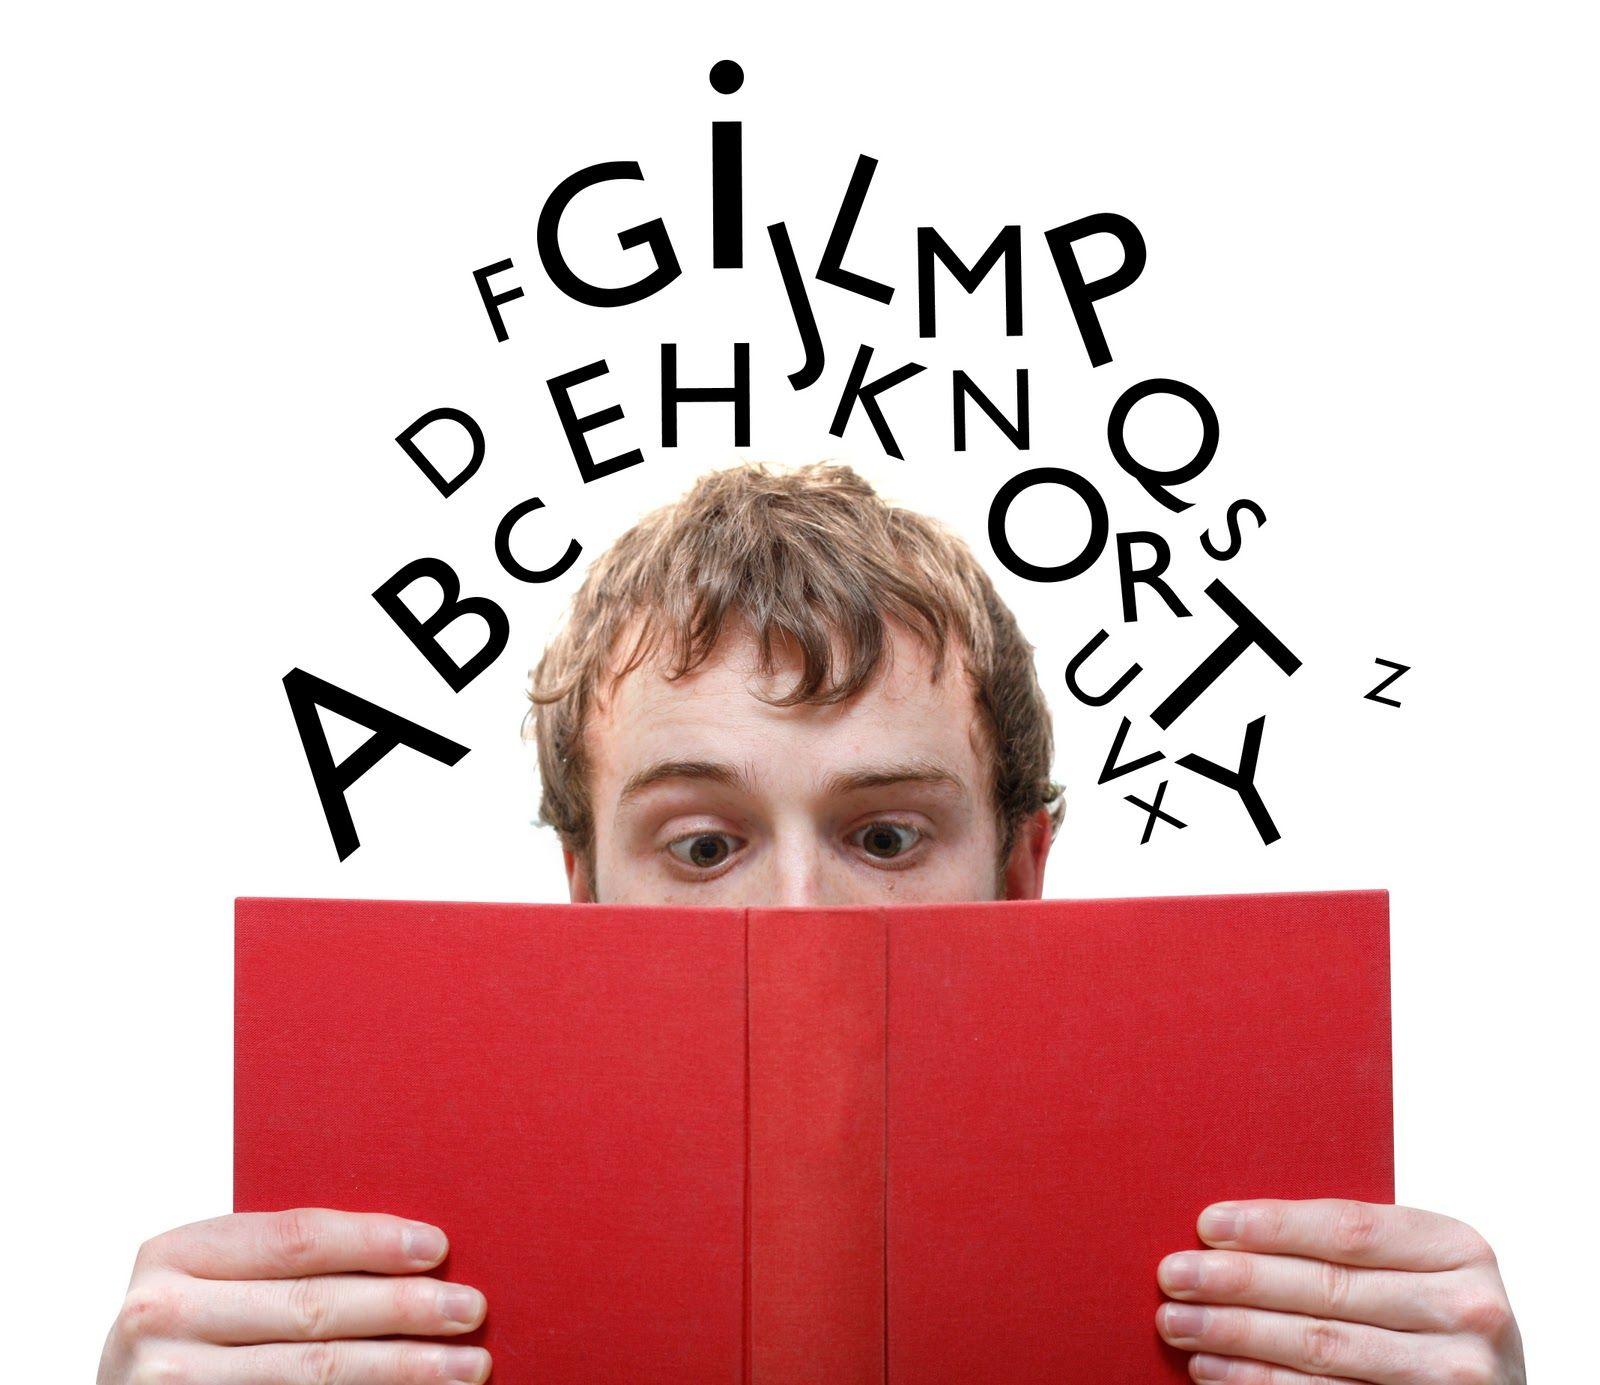 APRENDA INGLES ONLINE http://www.examtime.com.br/por-que-aprender-ingles-e-importante/